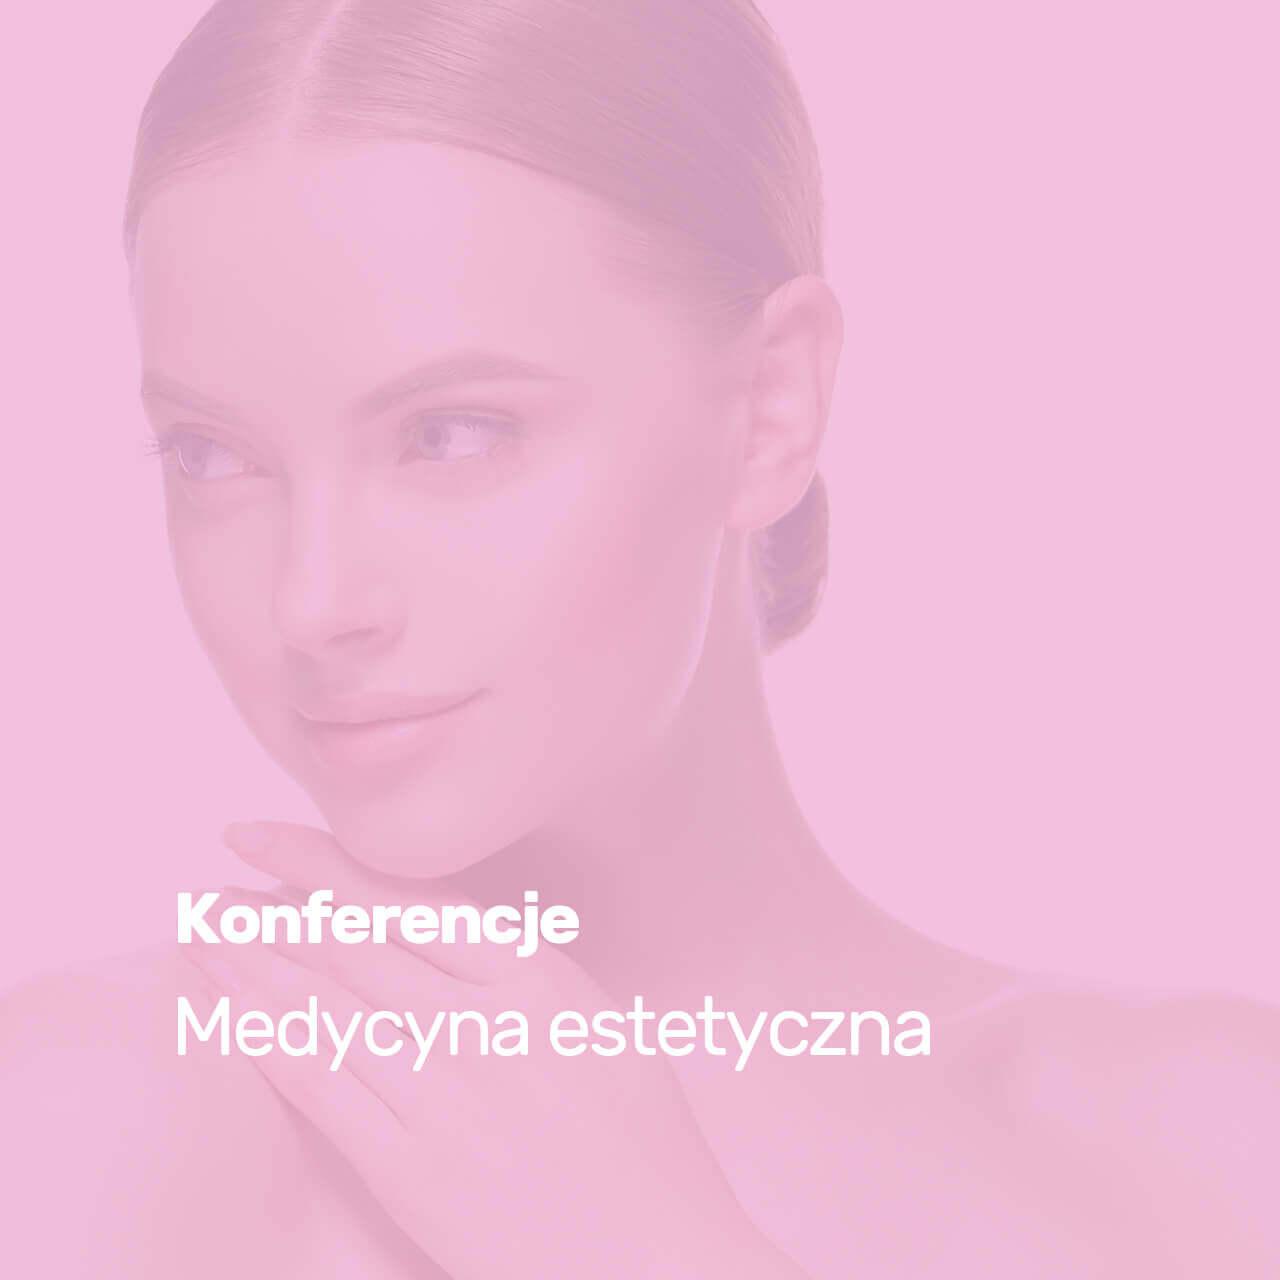 konferencjedla stomatologów z medycyny estetycznej